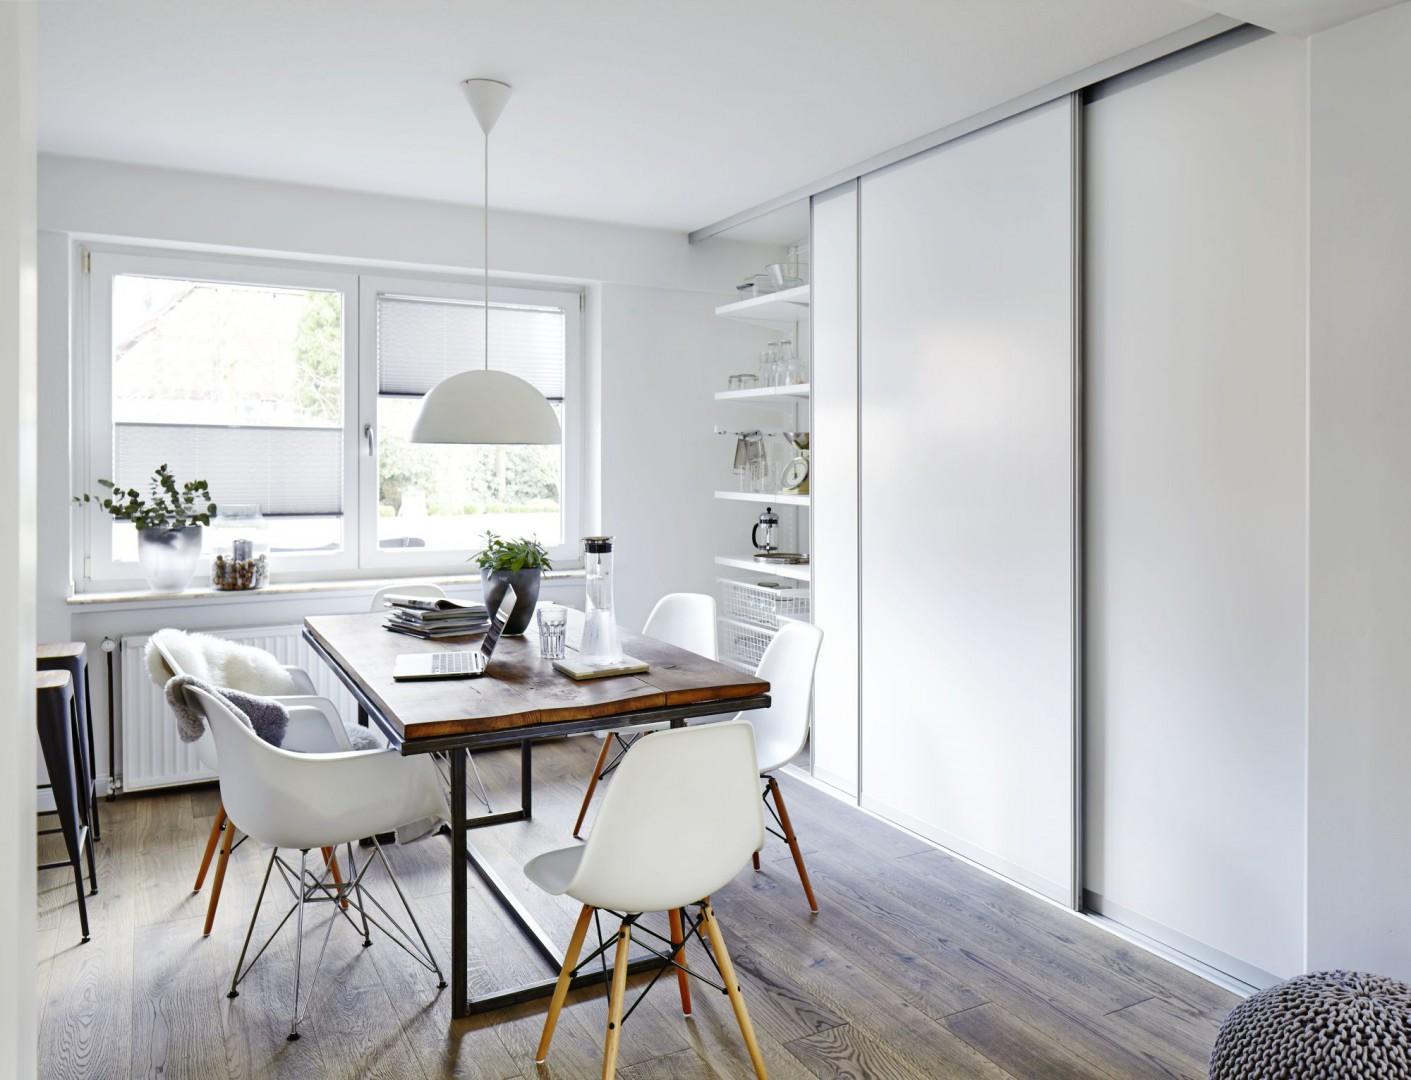 Półki ukryte za jednolitą, np. białą taflą wprowadzają do wnętrza wizualny ład i porządek. Fot. Elfa